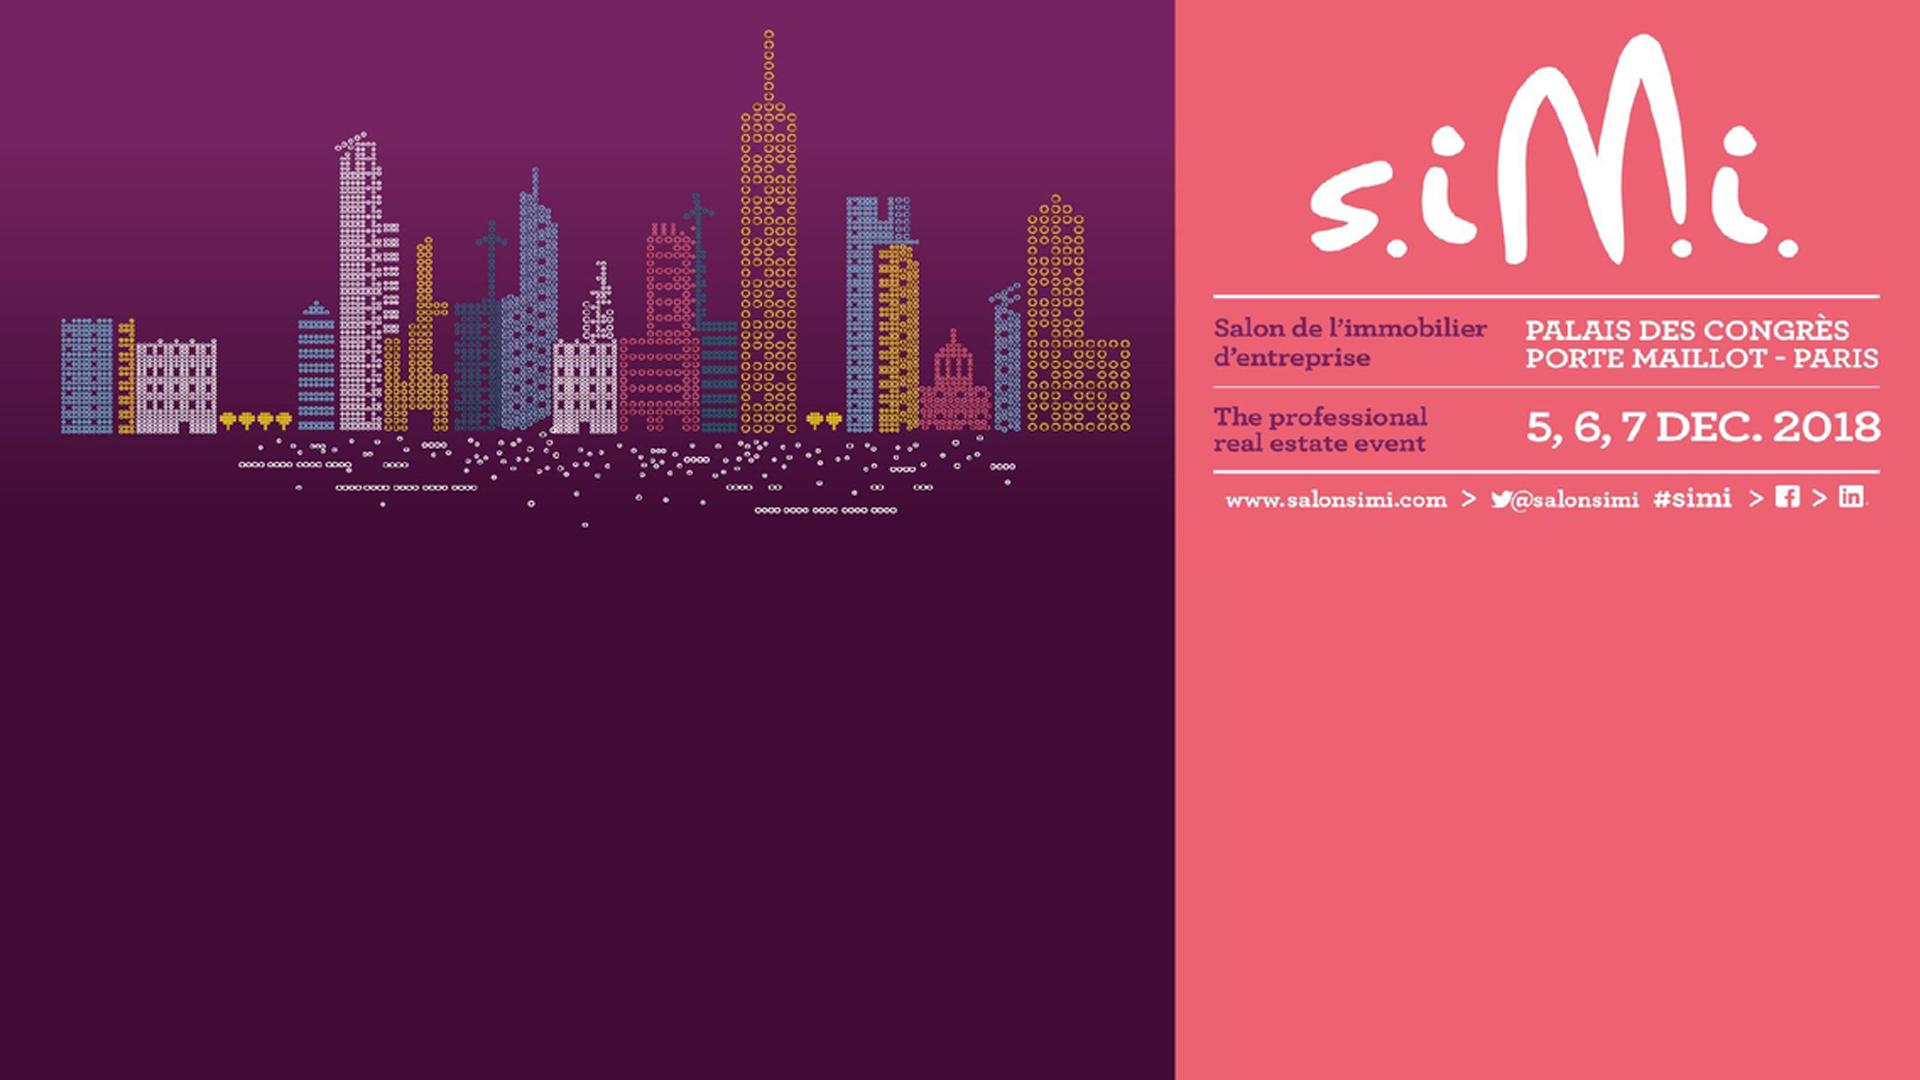 CDB Actualités I SIMI : Cap sur l'immobilier d'entreprise du futur